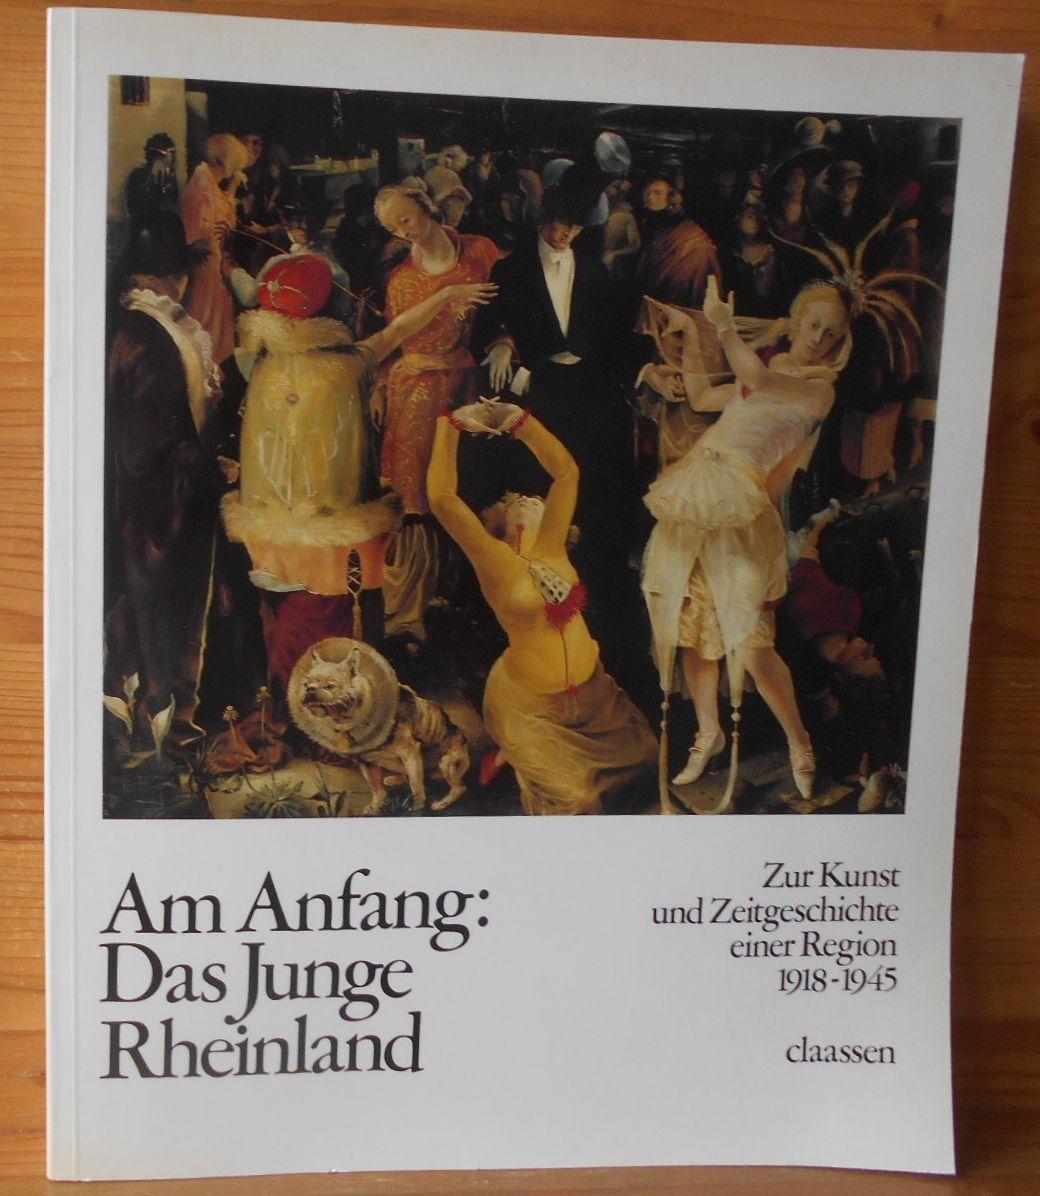 Am Anfang: Das Junge Rheinland. Zur Kunst und Zeitgeschichte einer Region 1918-1945. - Krempel, Ulrich